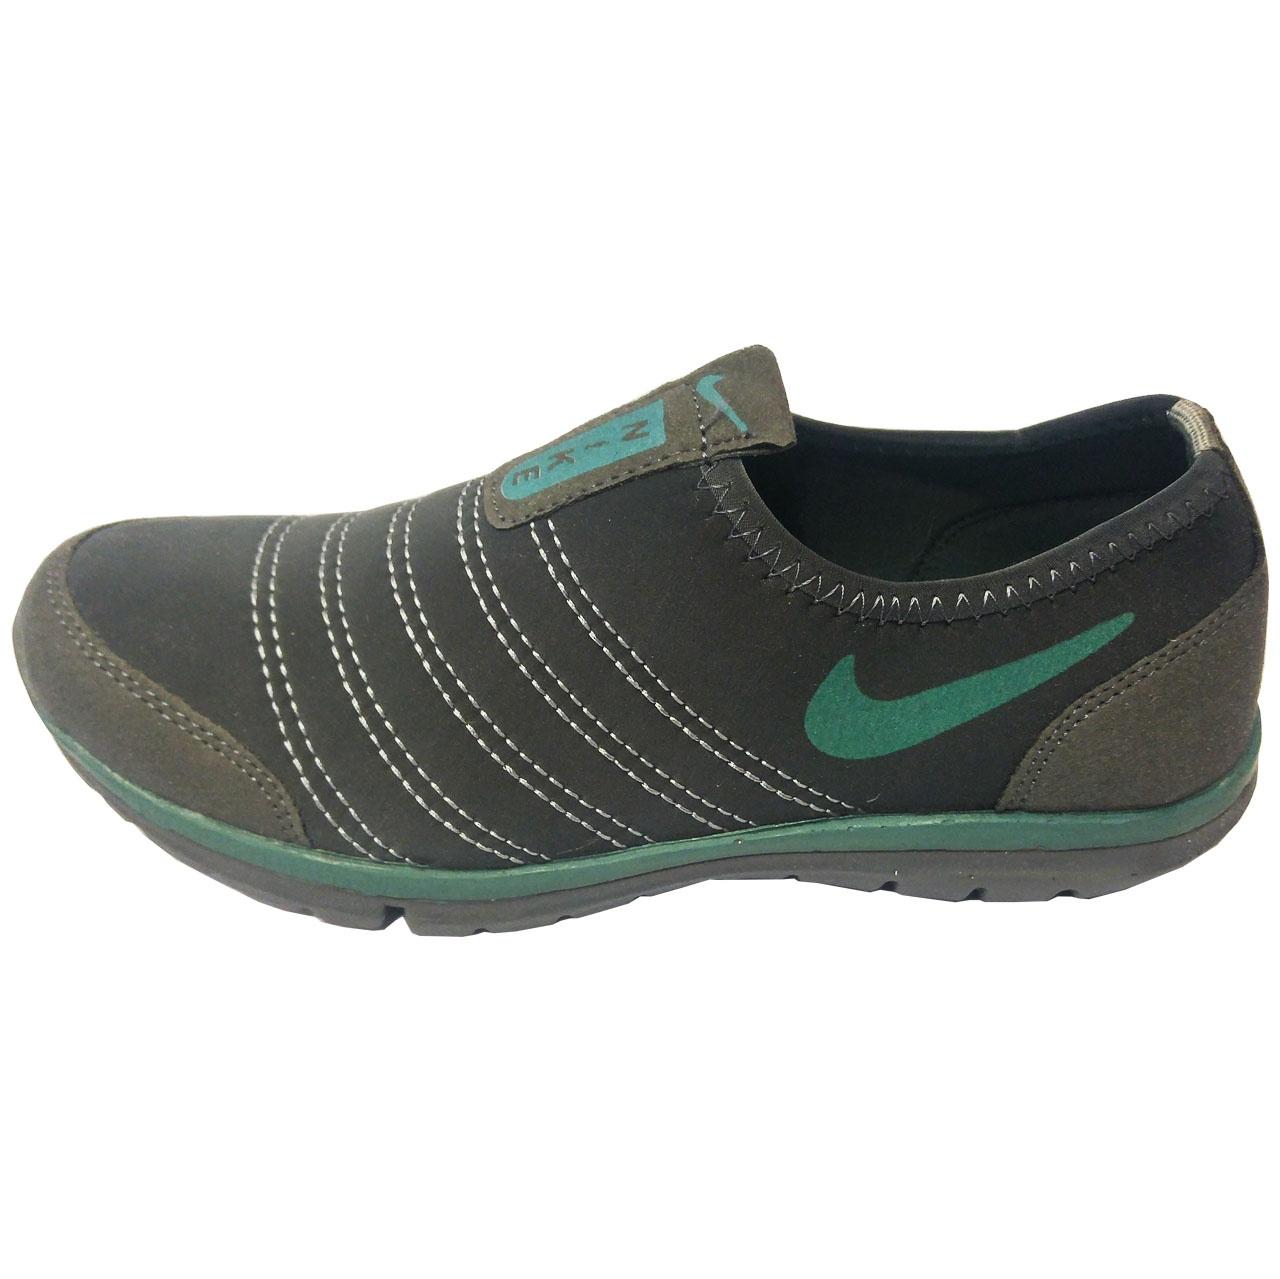 کفش پیاده روی مدل بیستون کد 017